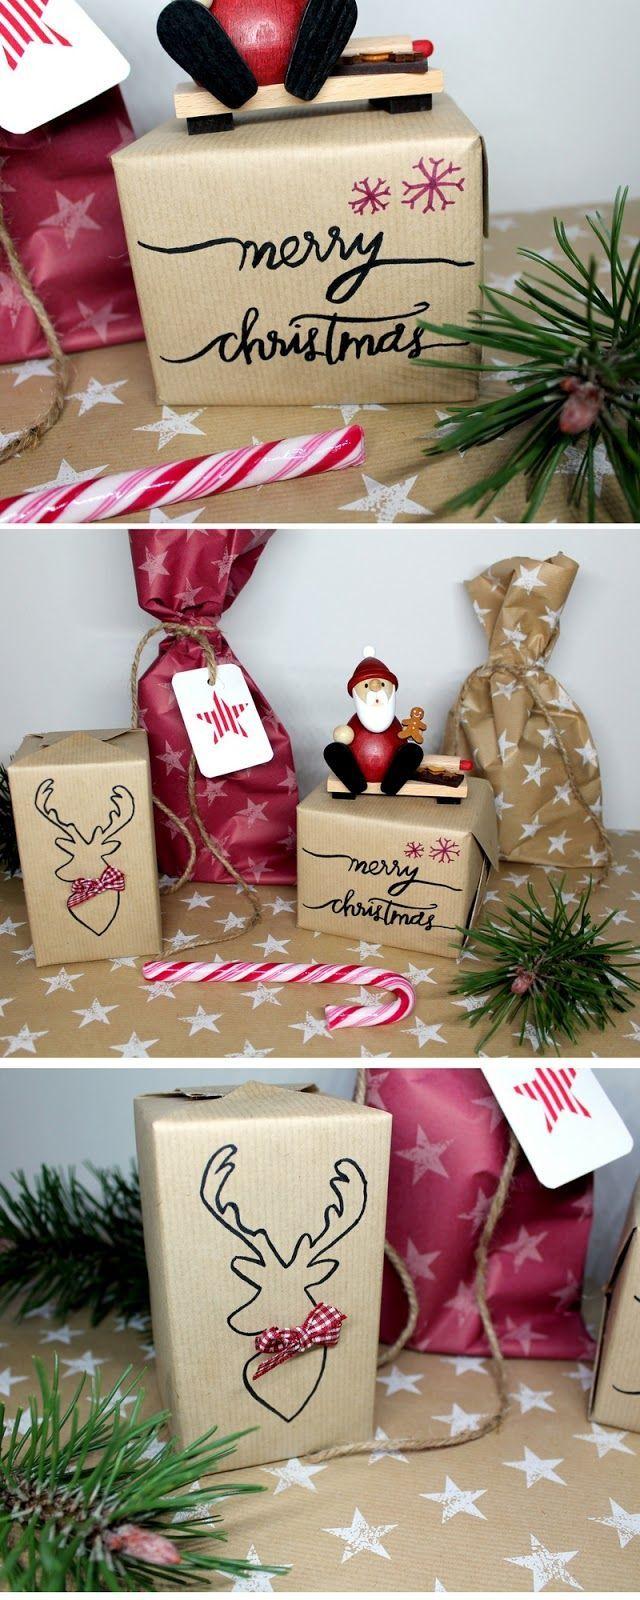 Gewaltig Weihnachtsgeschenke Zum Selbermachen Das Beste Von Anzeige: Diy Geschenke Wunderschön Und Individuell Verpacken: